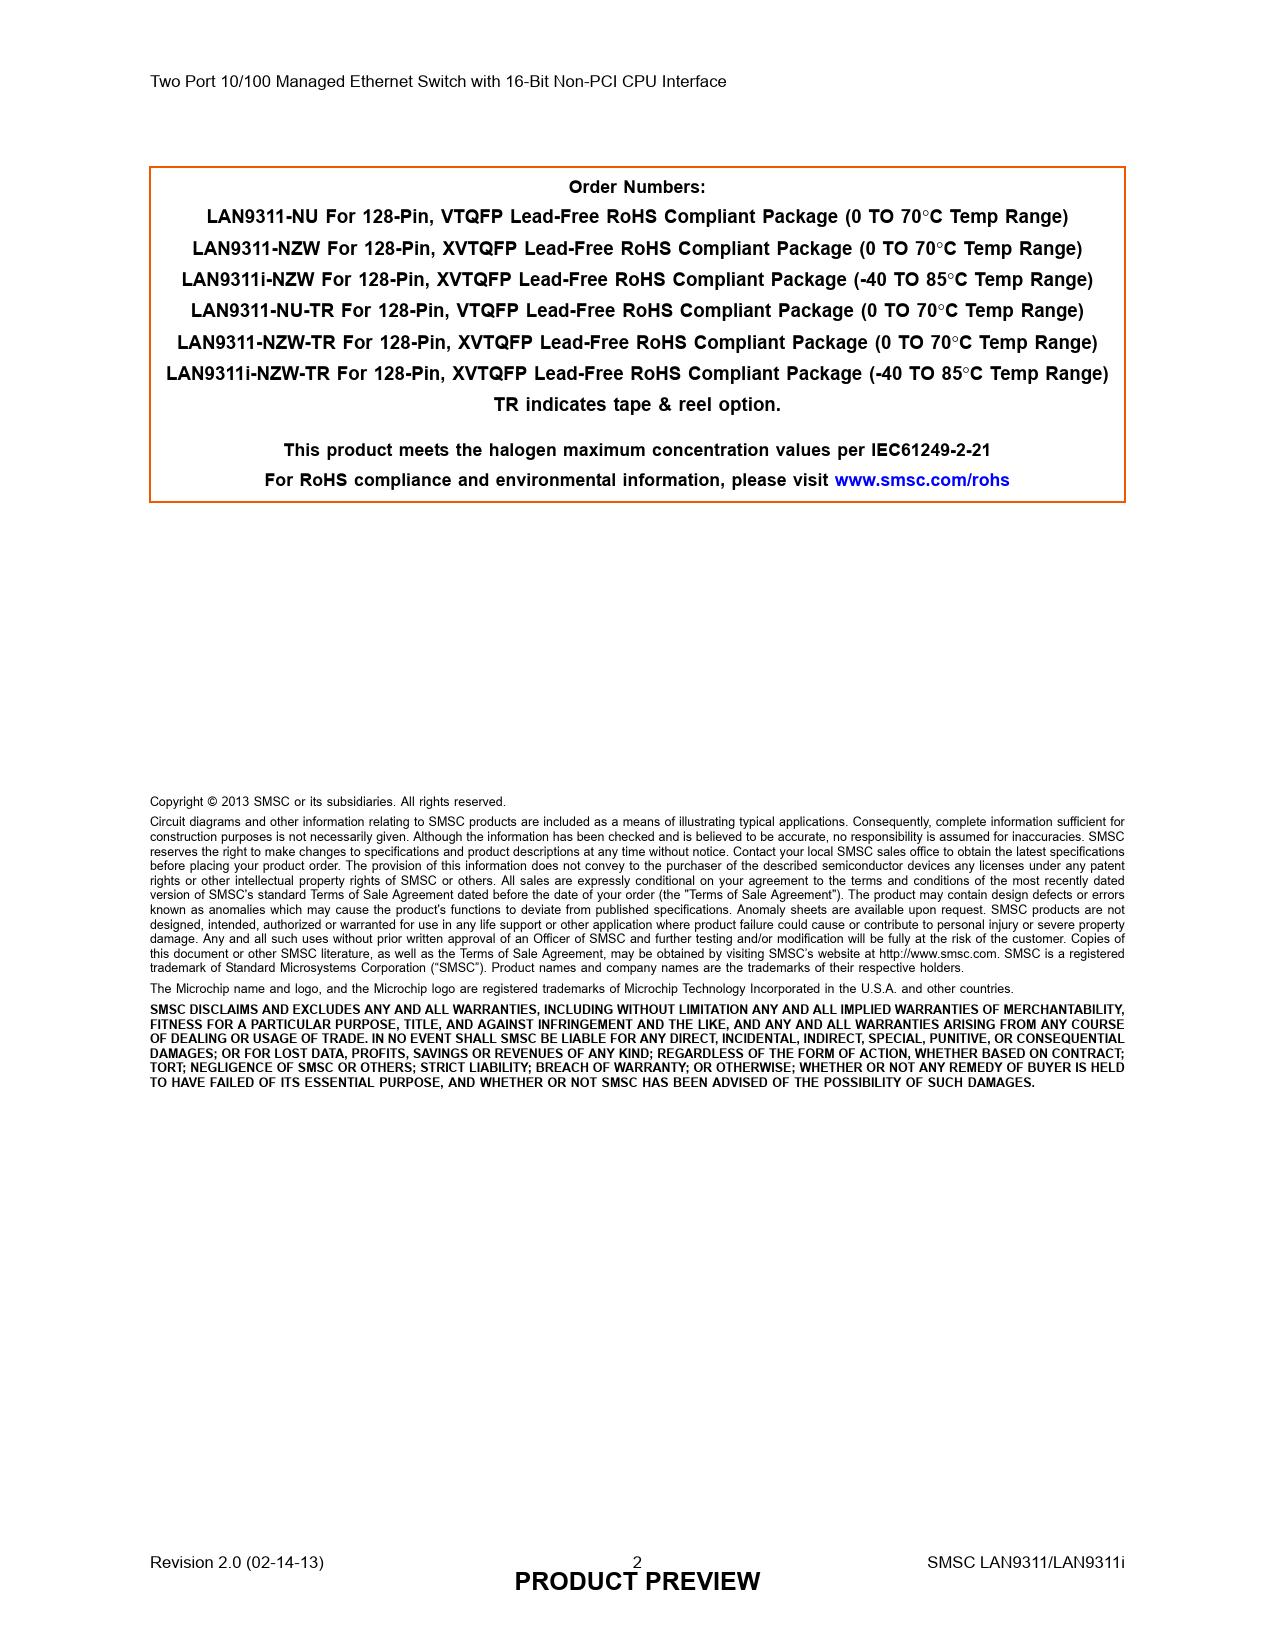 Datasheet LAN9311, LAN9311i Microchip Страница 2